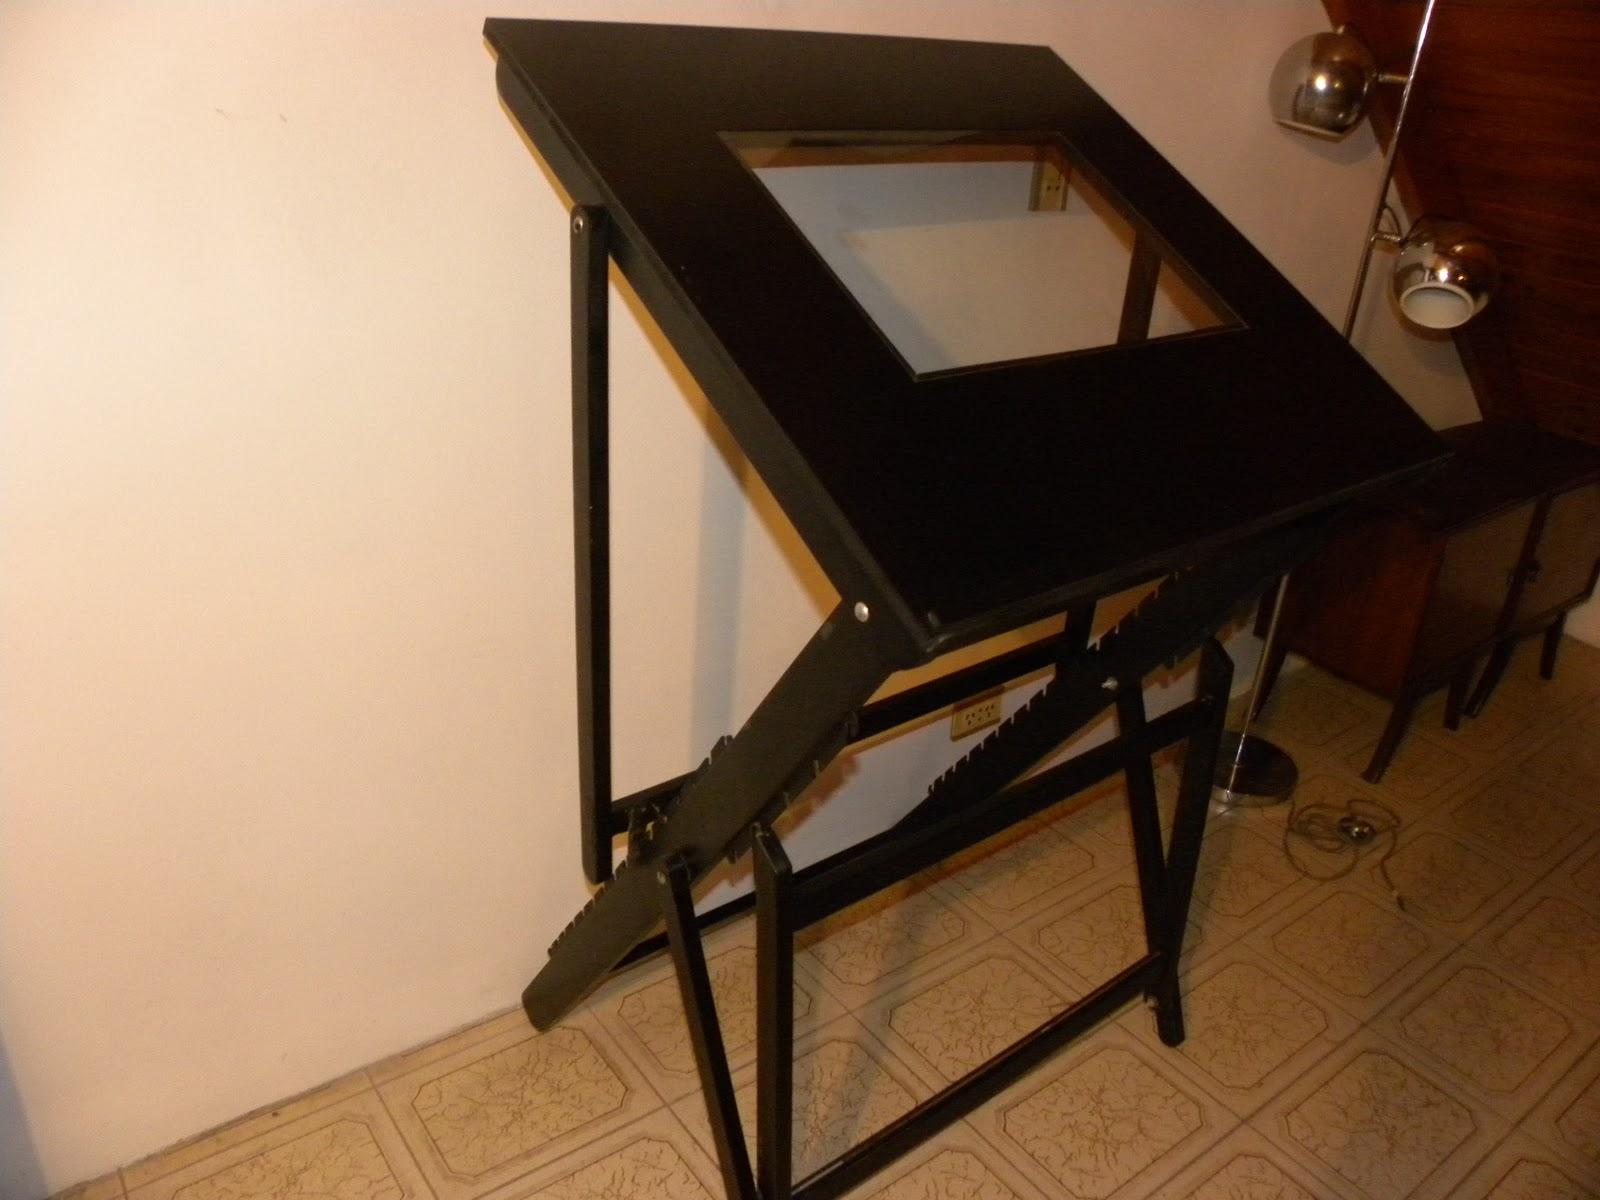 Deco retro vintage tablero de dibujo t cnico antiguo - Mesas de dibujo tecnico ...